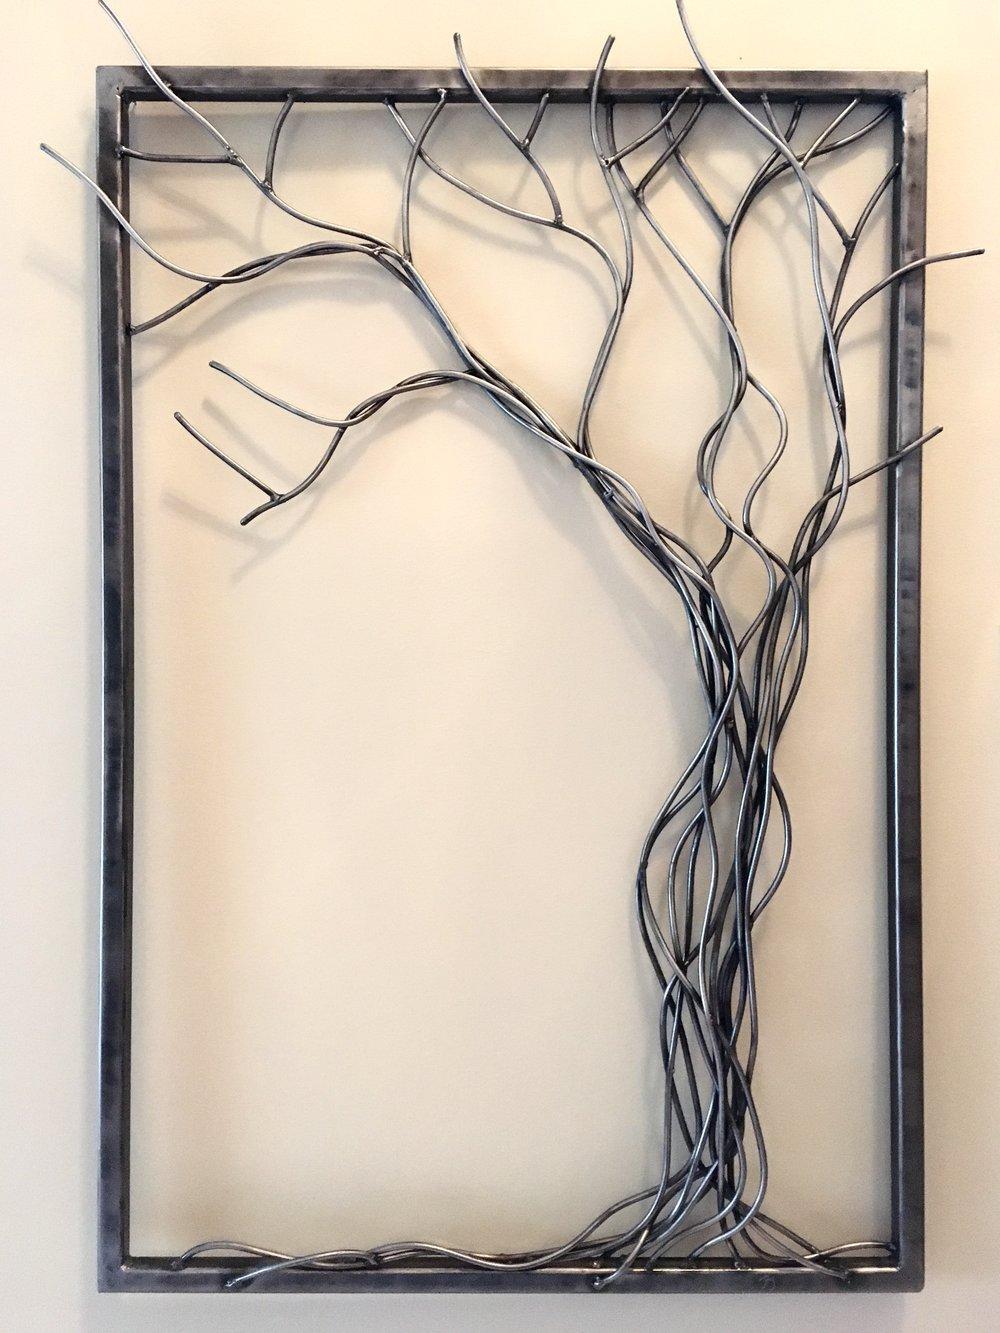 Tree | Steel Rod | Wall Art